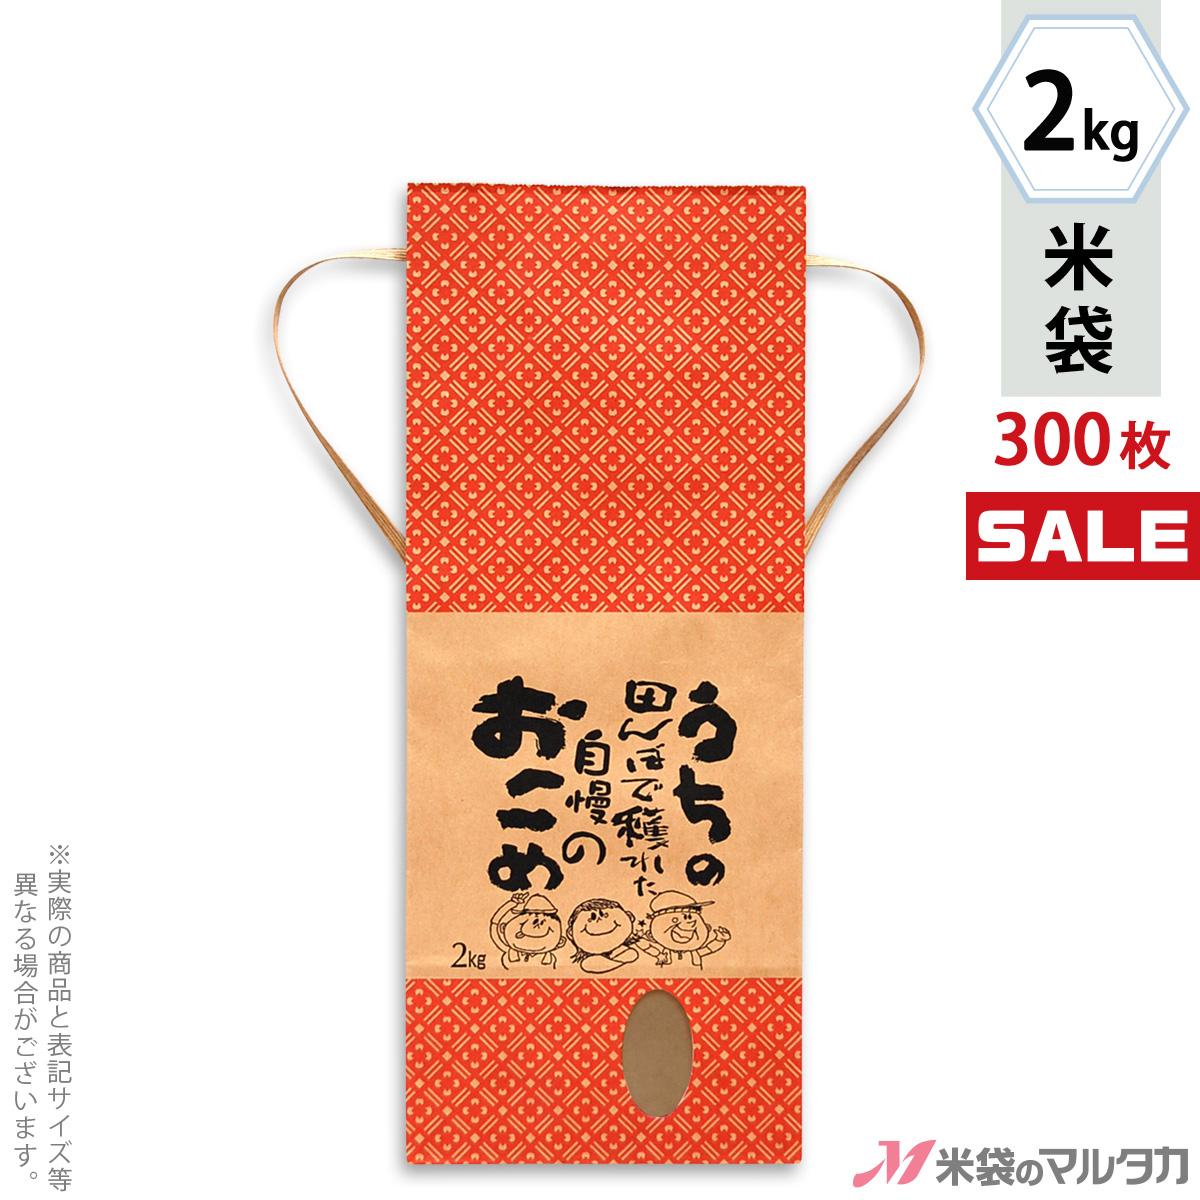 <キャンペーン対応>米袋 KH-0230 マルタカ クラフト うちの田んぼで穫れた米(銘柄なし) 窓付 角底 2kg用紐付 【米袋 2kg】【1ケース(300枚入)】